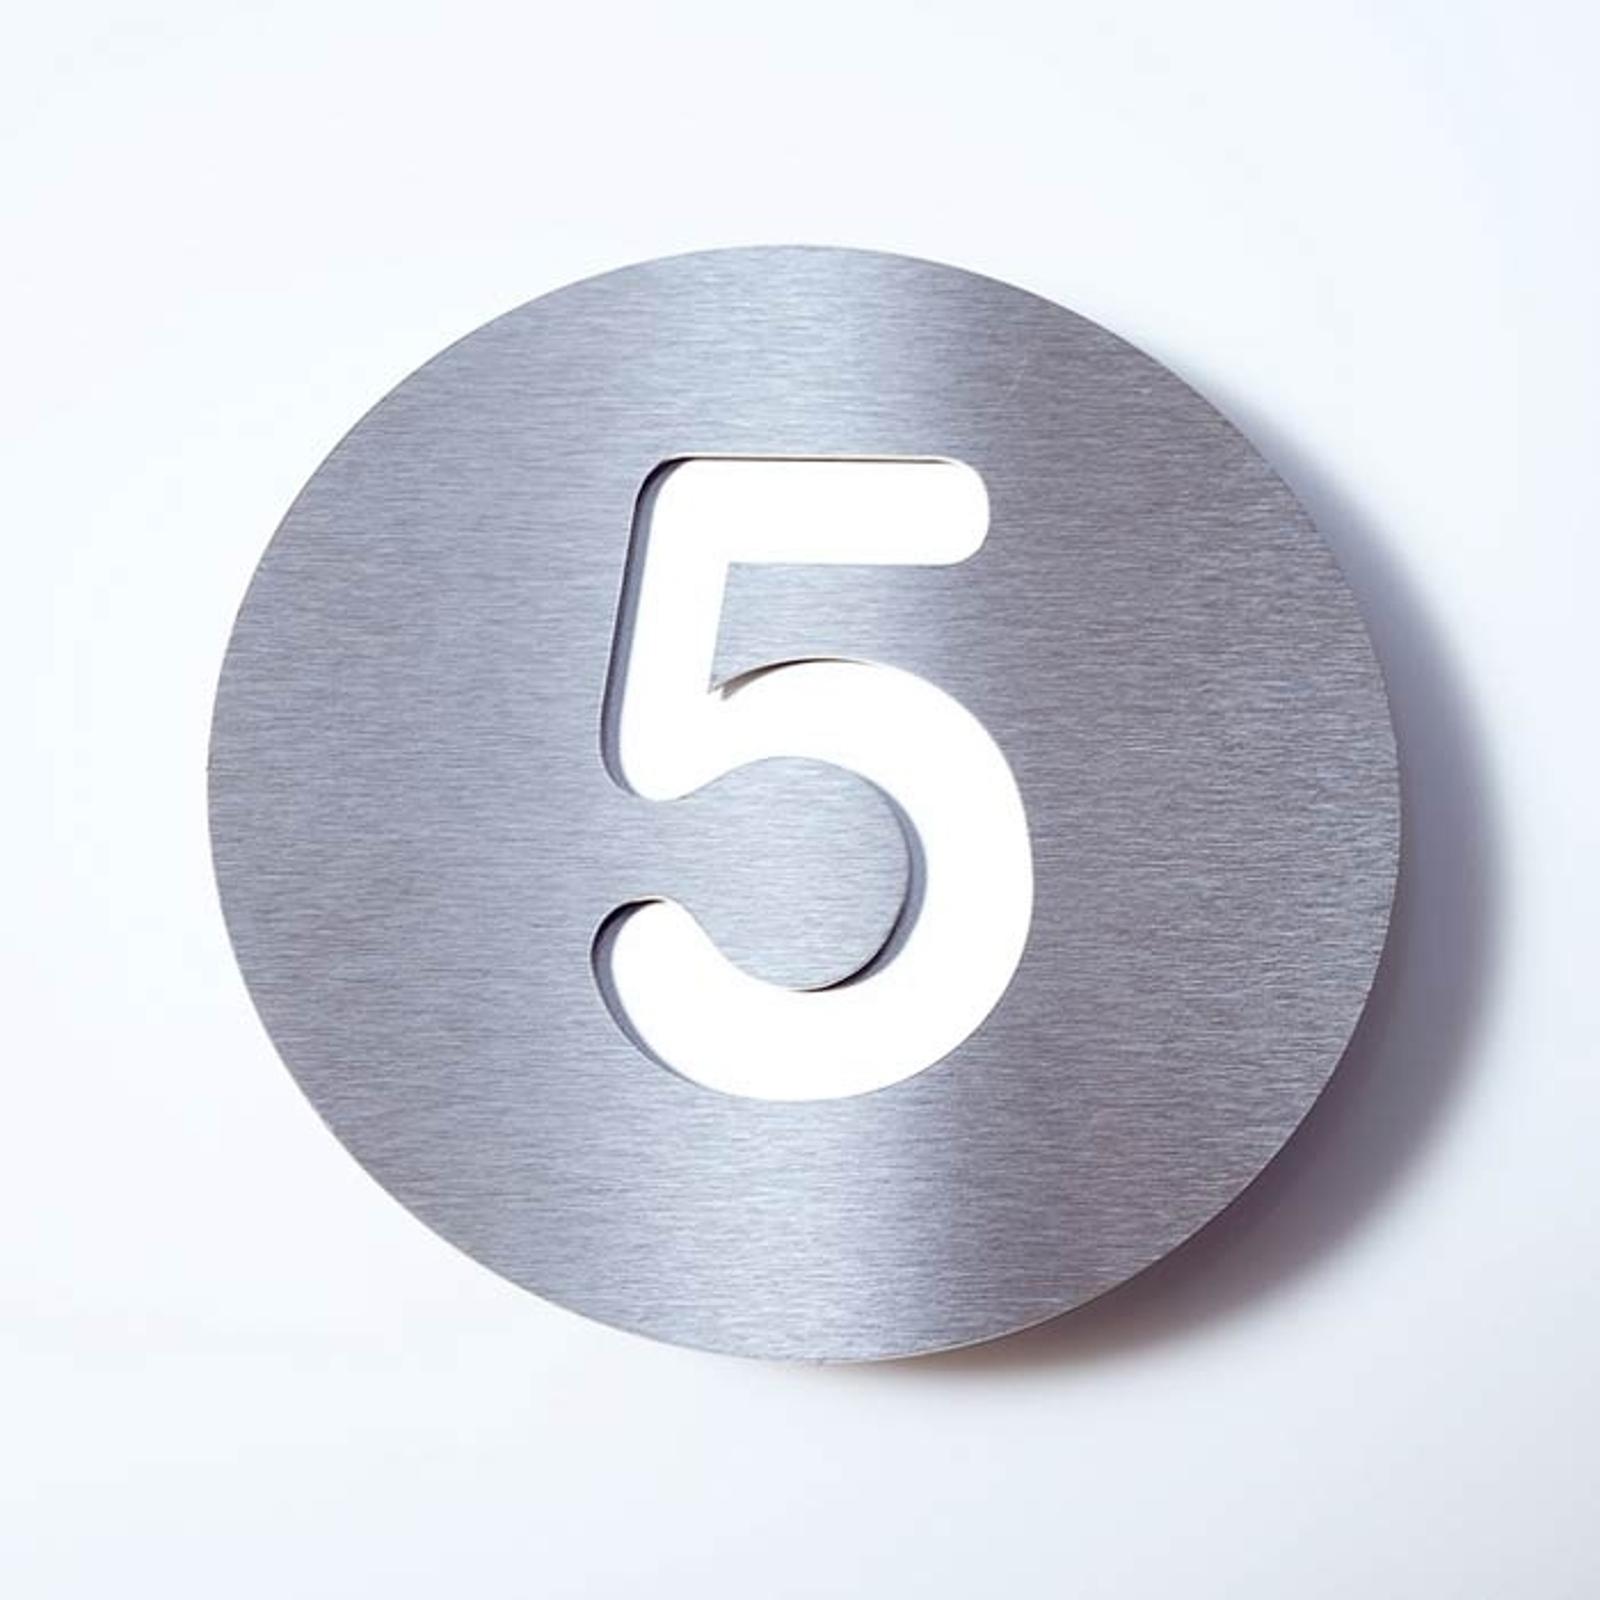 Numero civico Round di acciaio inossidabile - 5